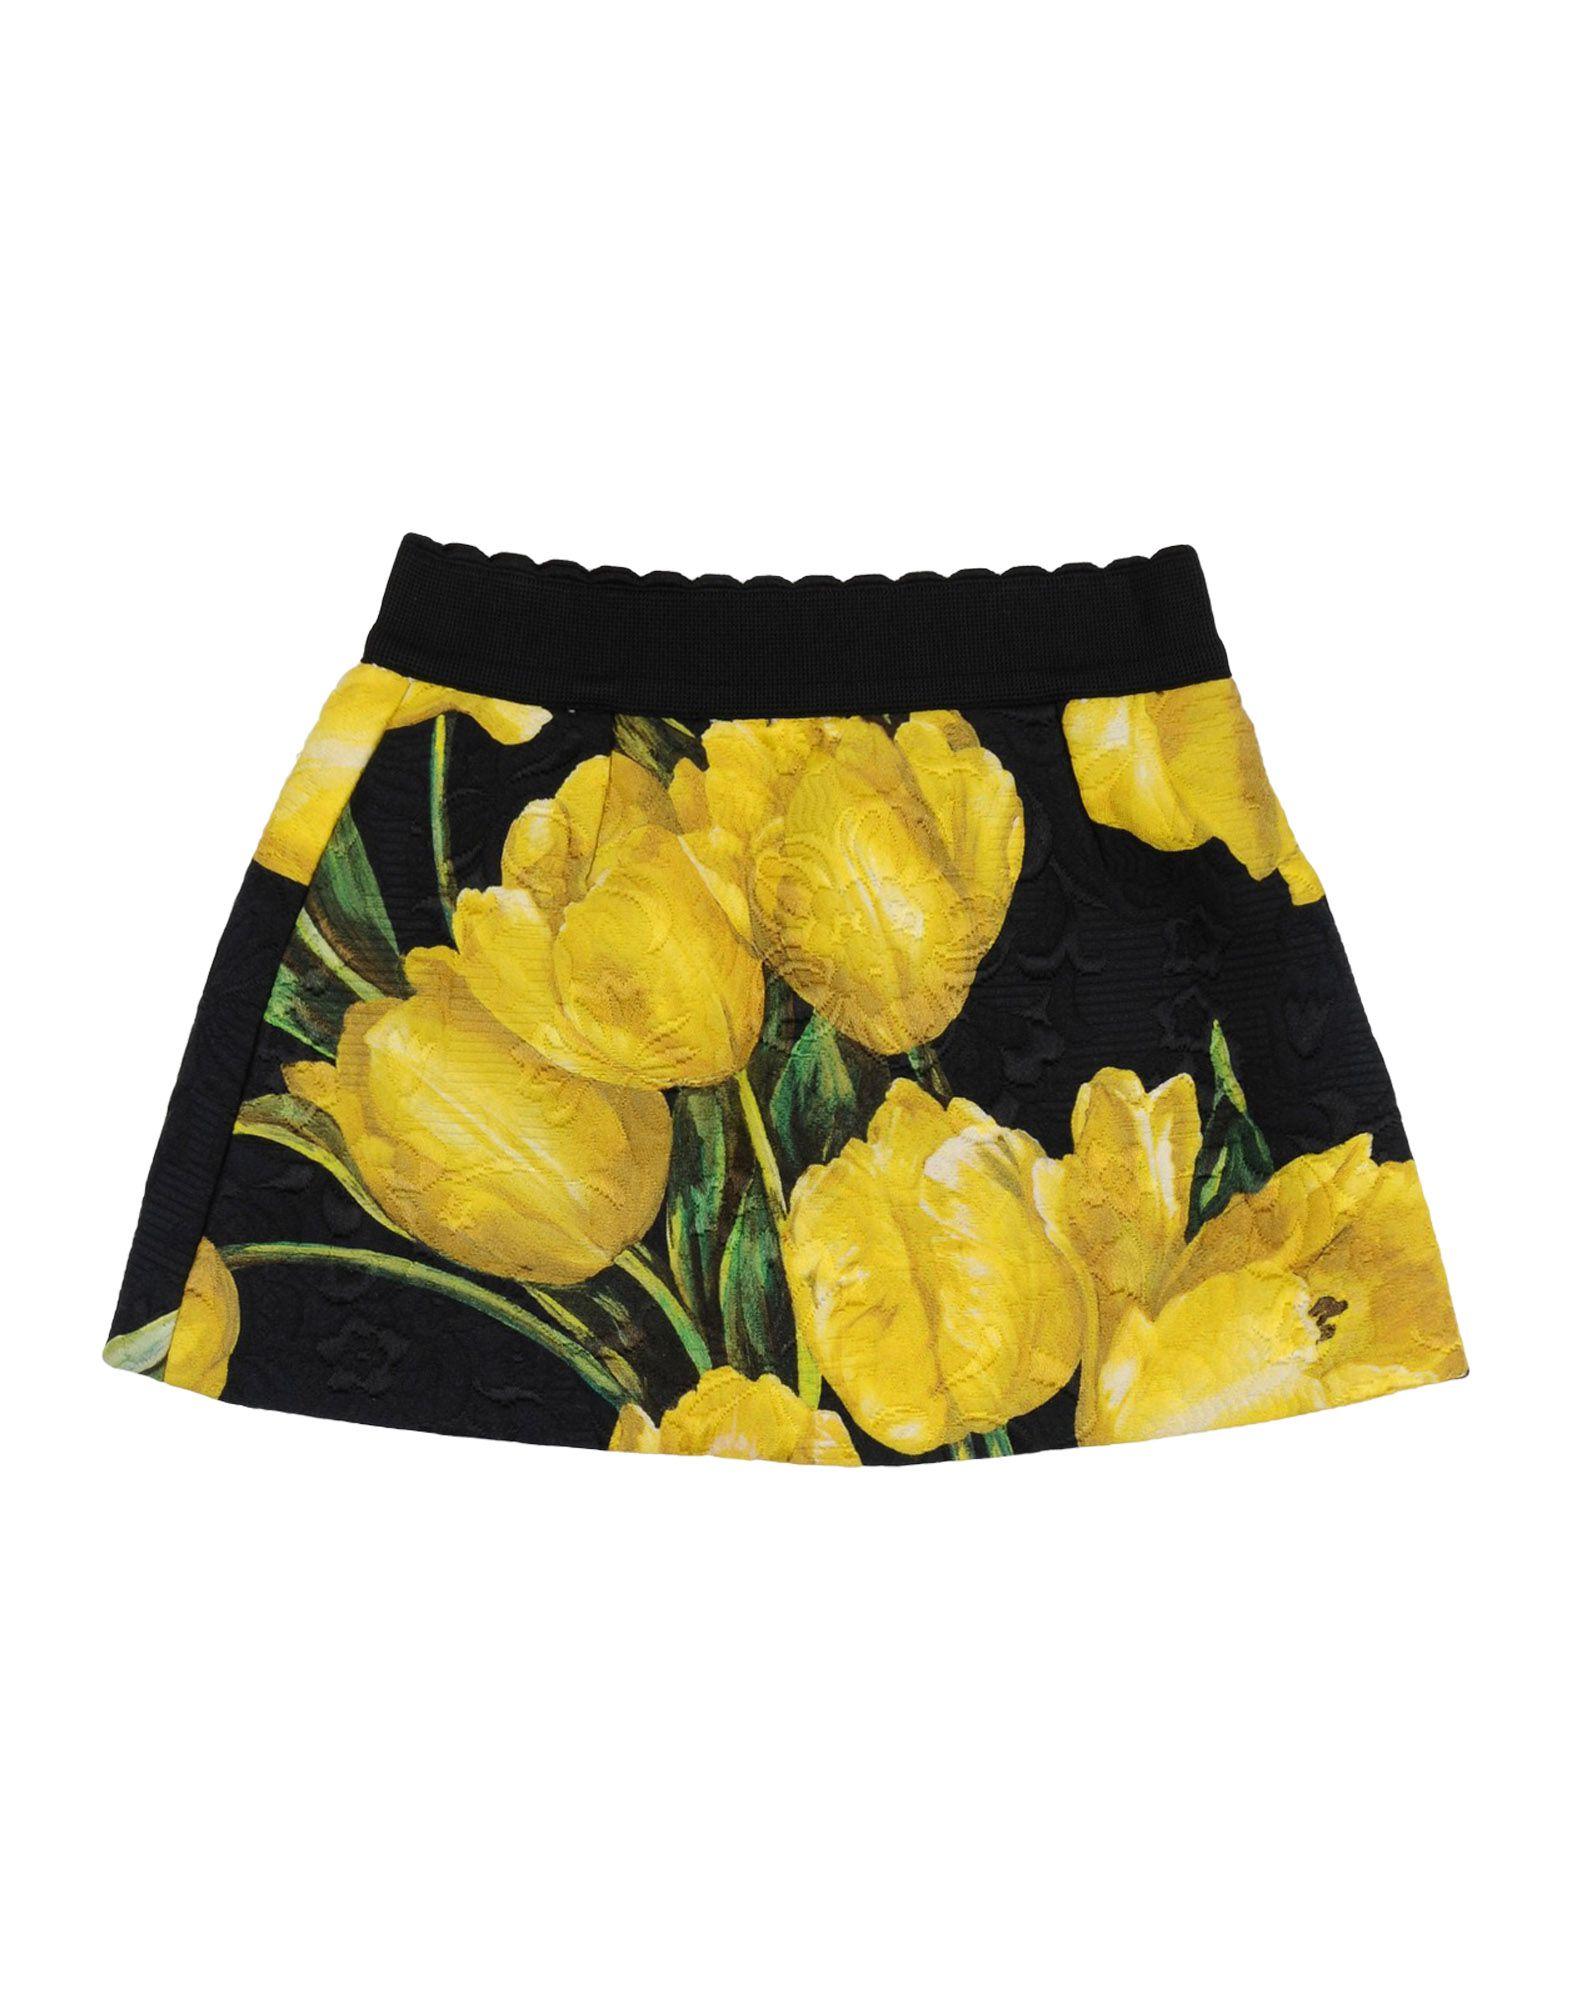 DOLCE & GABBANA | DOLCE & GABBANA Skirts 35372273 | Goxip